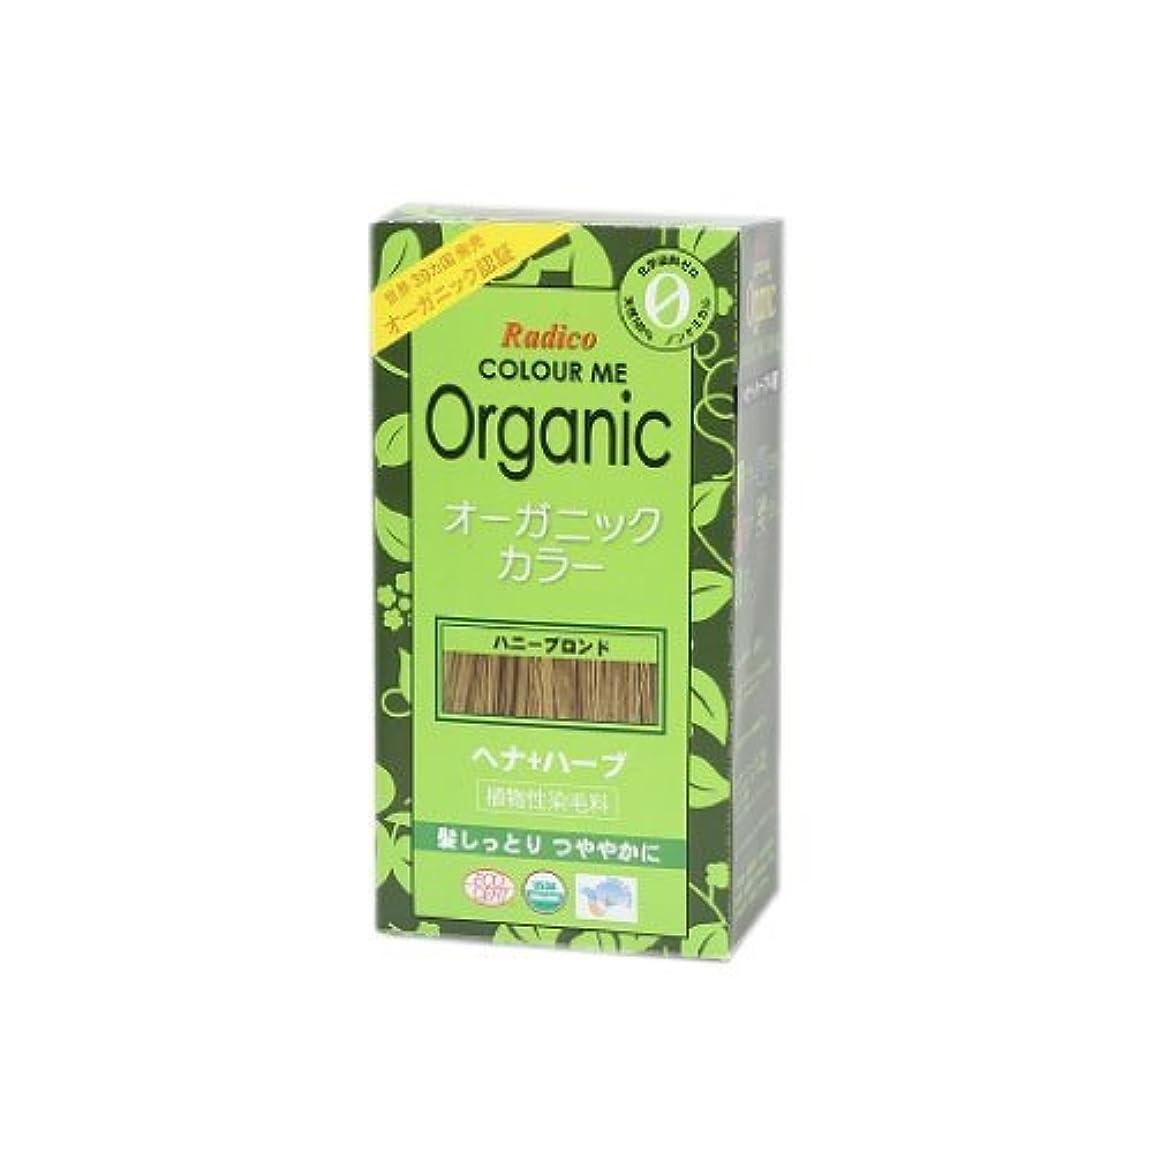 激怒悪用マディソンCOLOURME Organic (カラーミーオーガニック ヘナ 白髪用) ハニーブロンド 100g